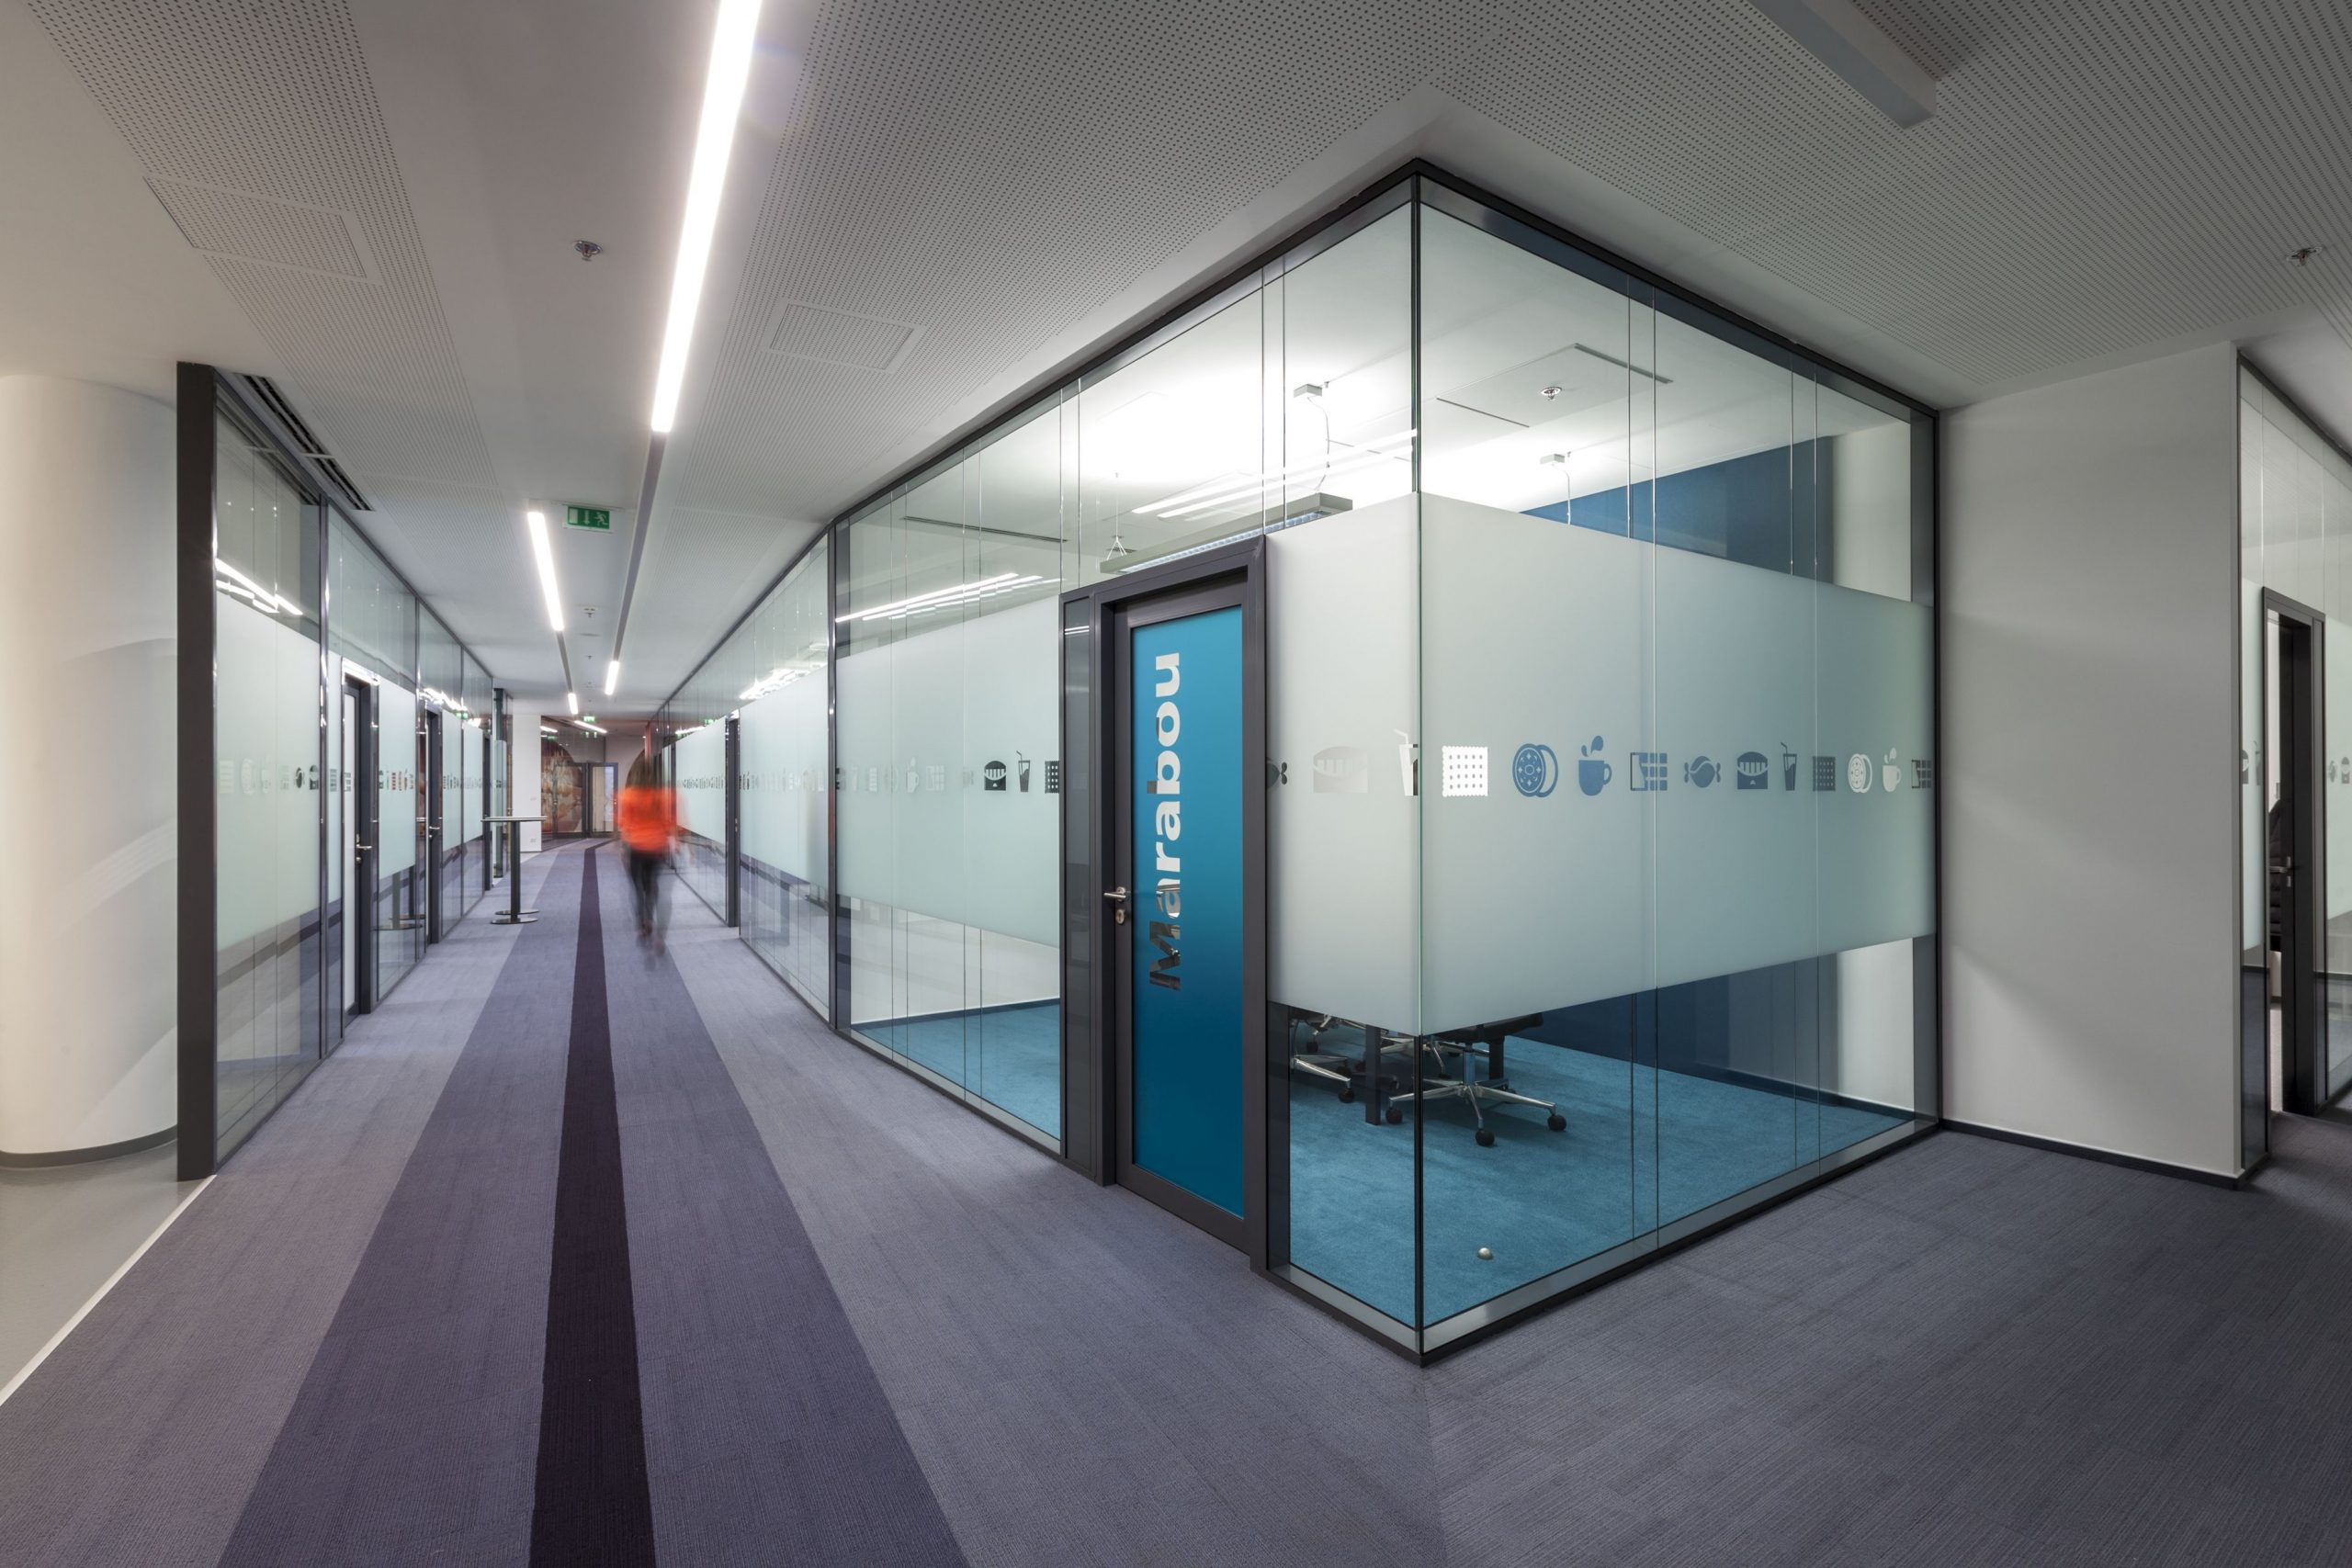 Skleněná kancelář v administrativním sídle Mondelez v Bratislavě